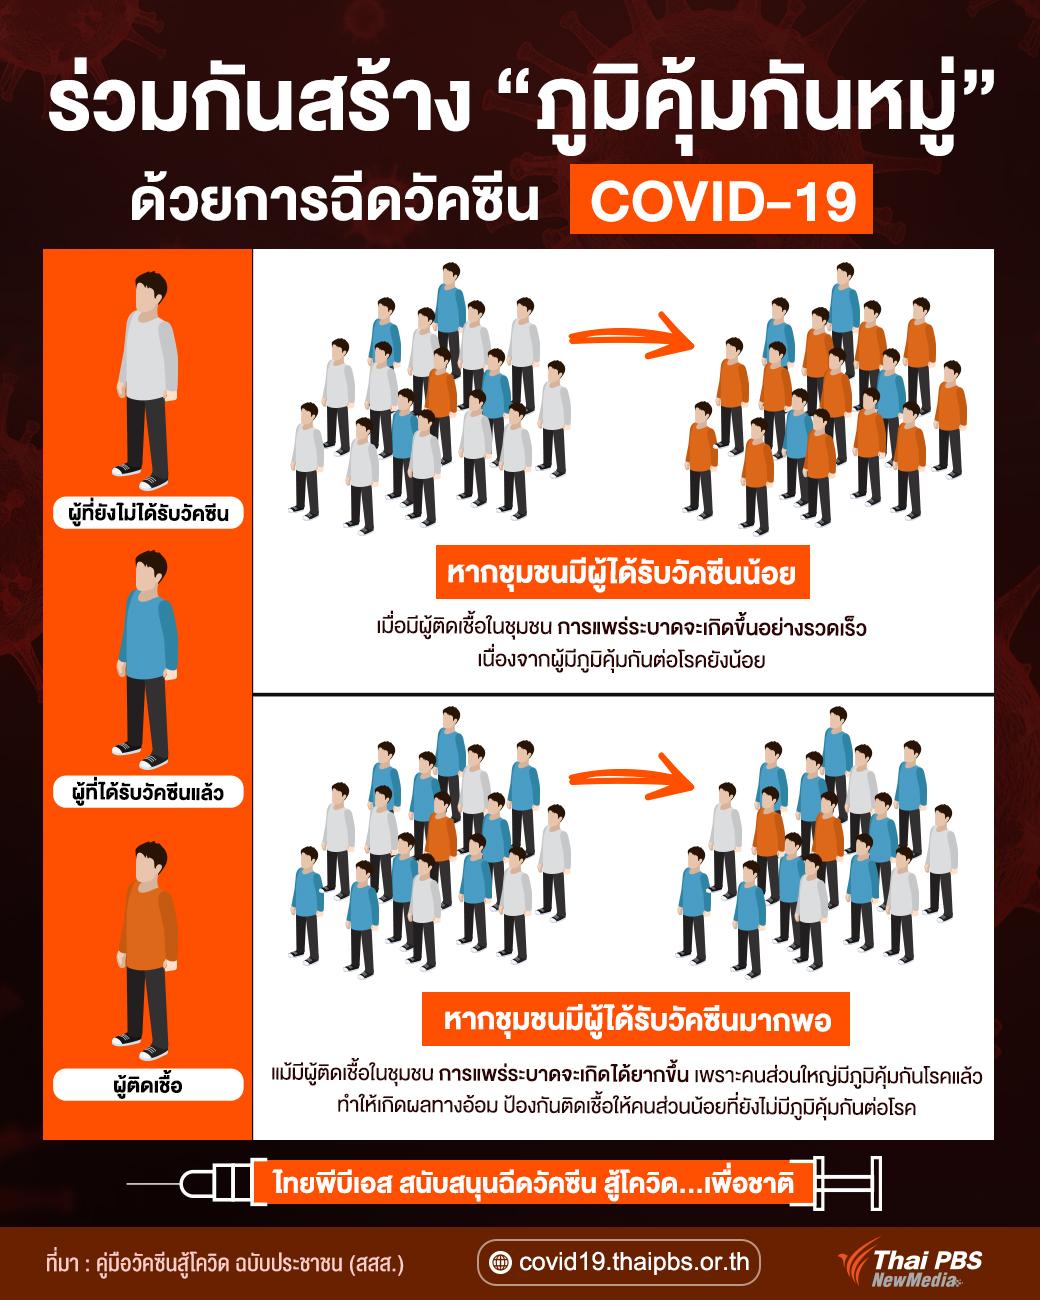 ร่วมกันสร้างภูมิคุ้มกันหมู่ ด้วยการฉีดวัคซีน COVID-19